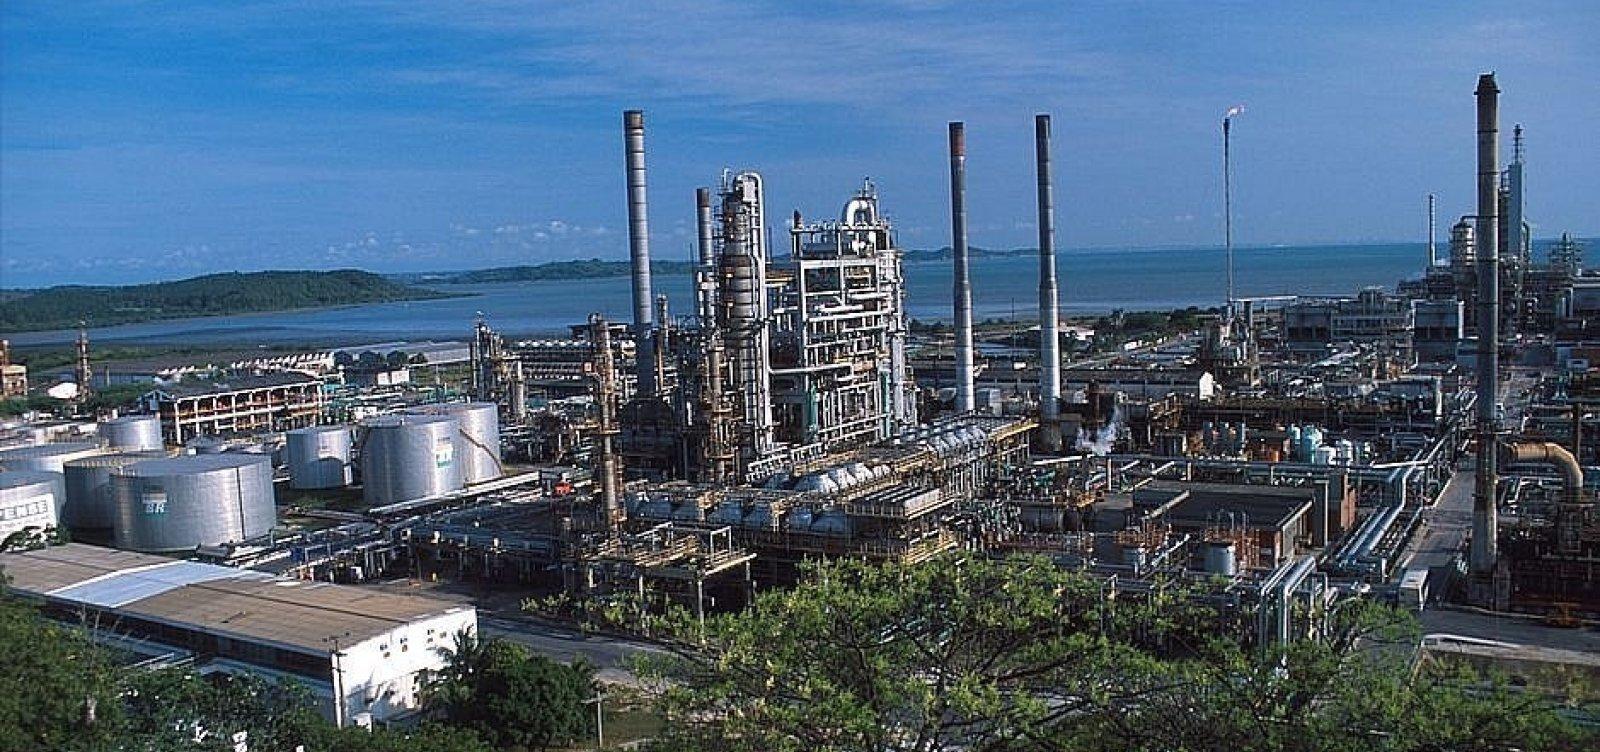 [Petrobras conclui fase de negociação em processo de venda da Refinaria Landulpho Alves]